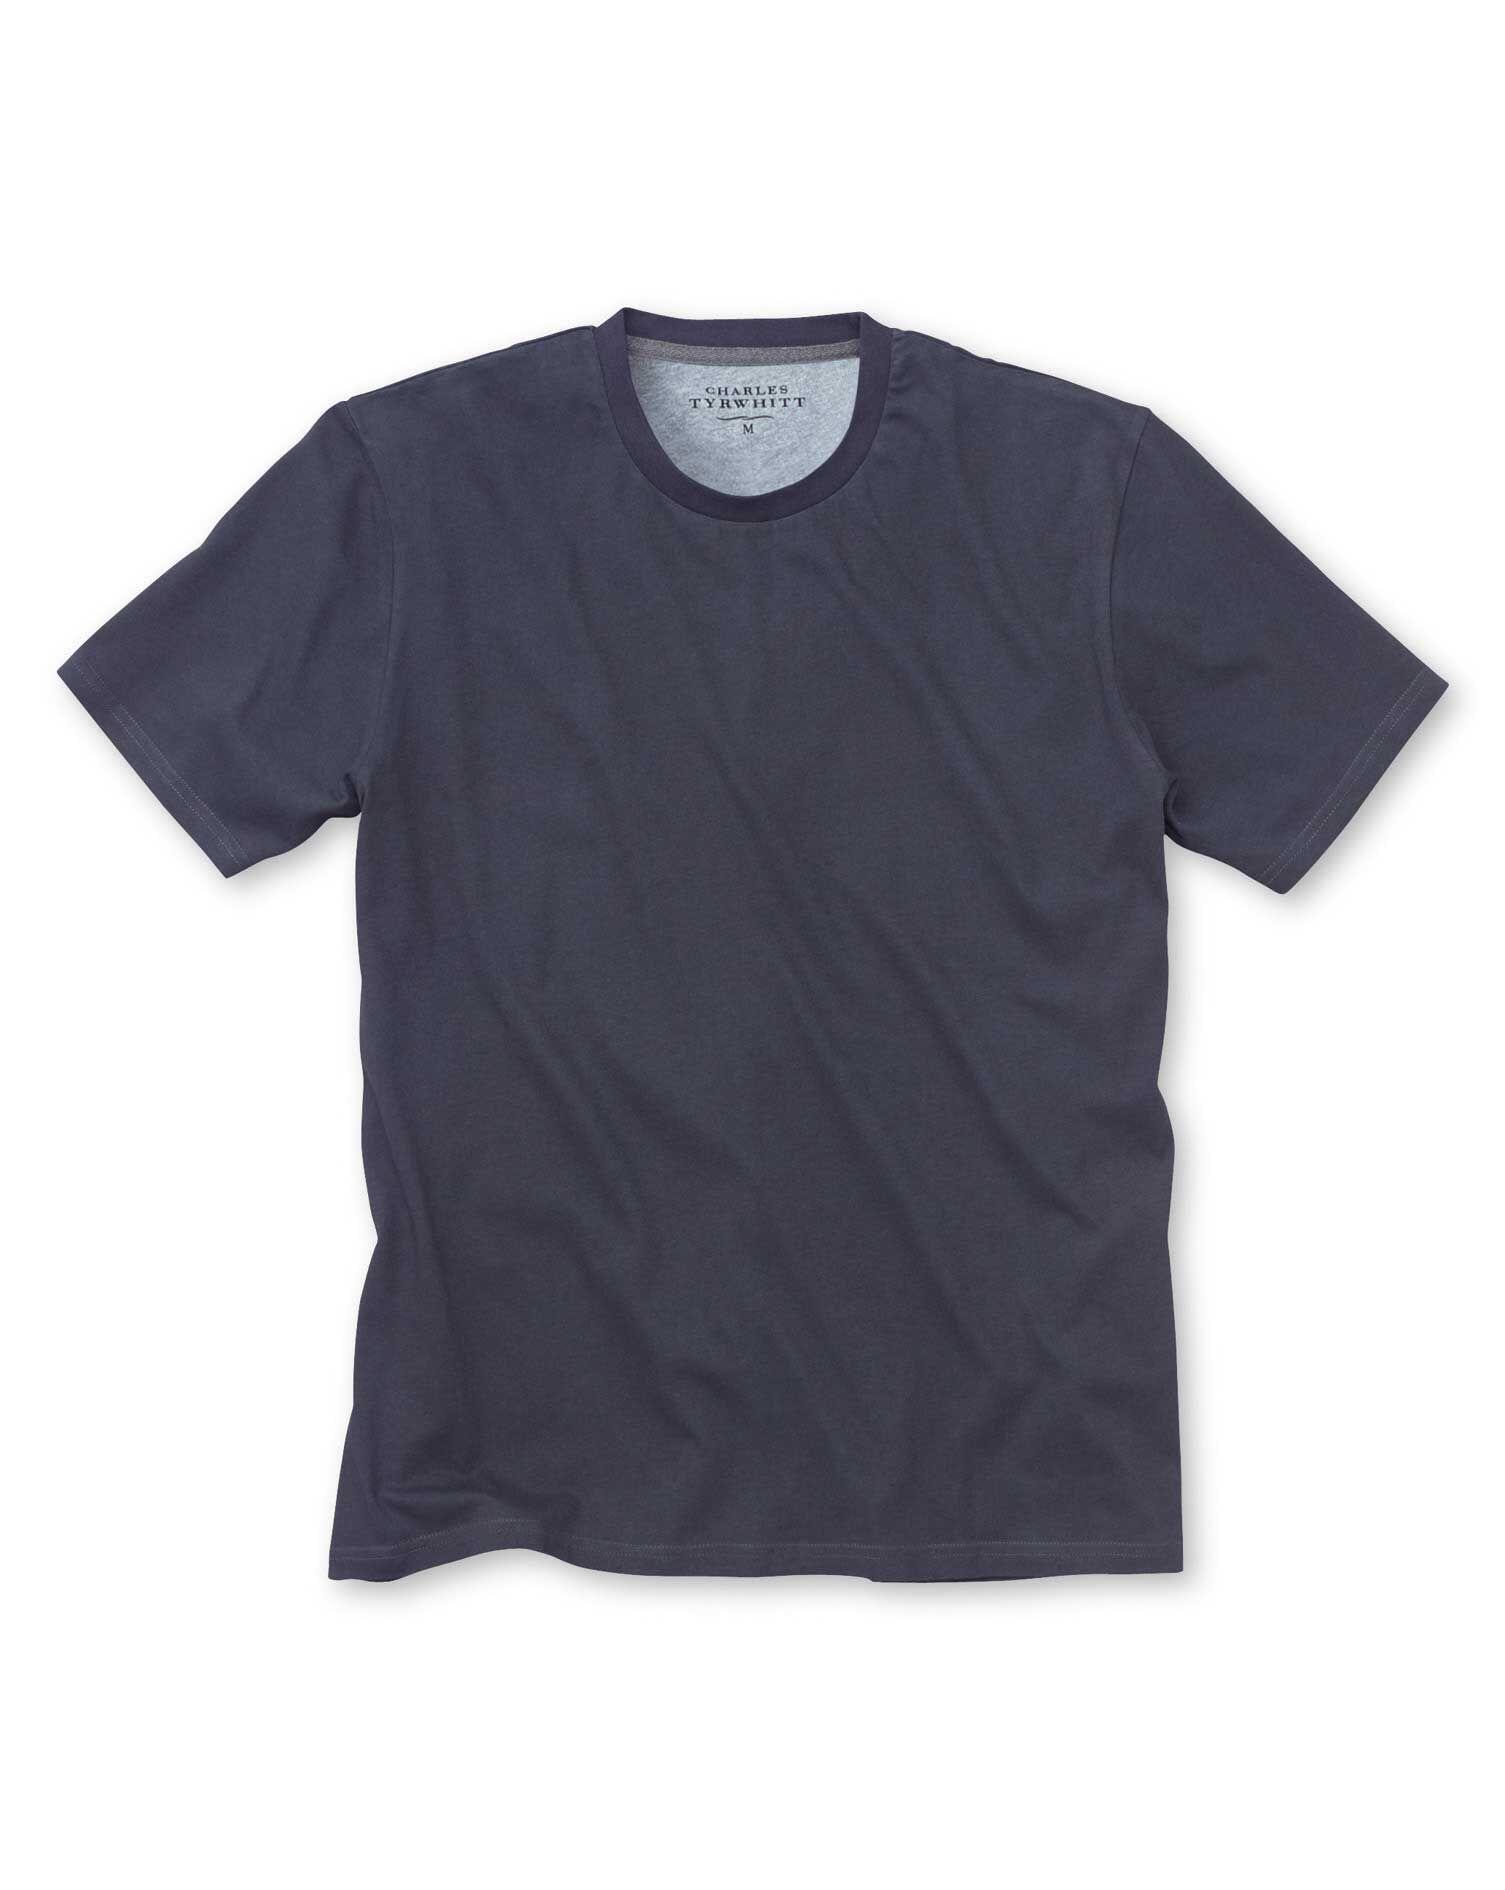 Navy Cotton T-Shirt Size XL by Charles Tyrwhitt